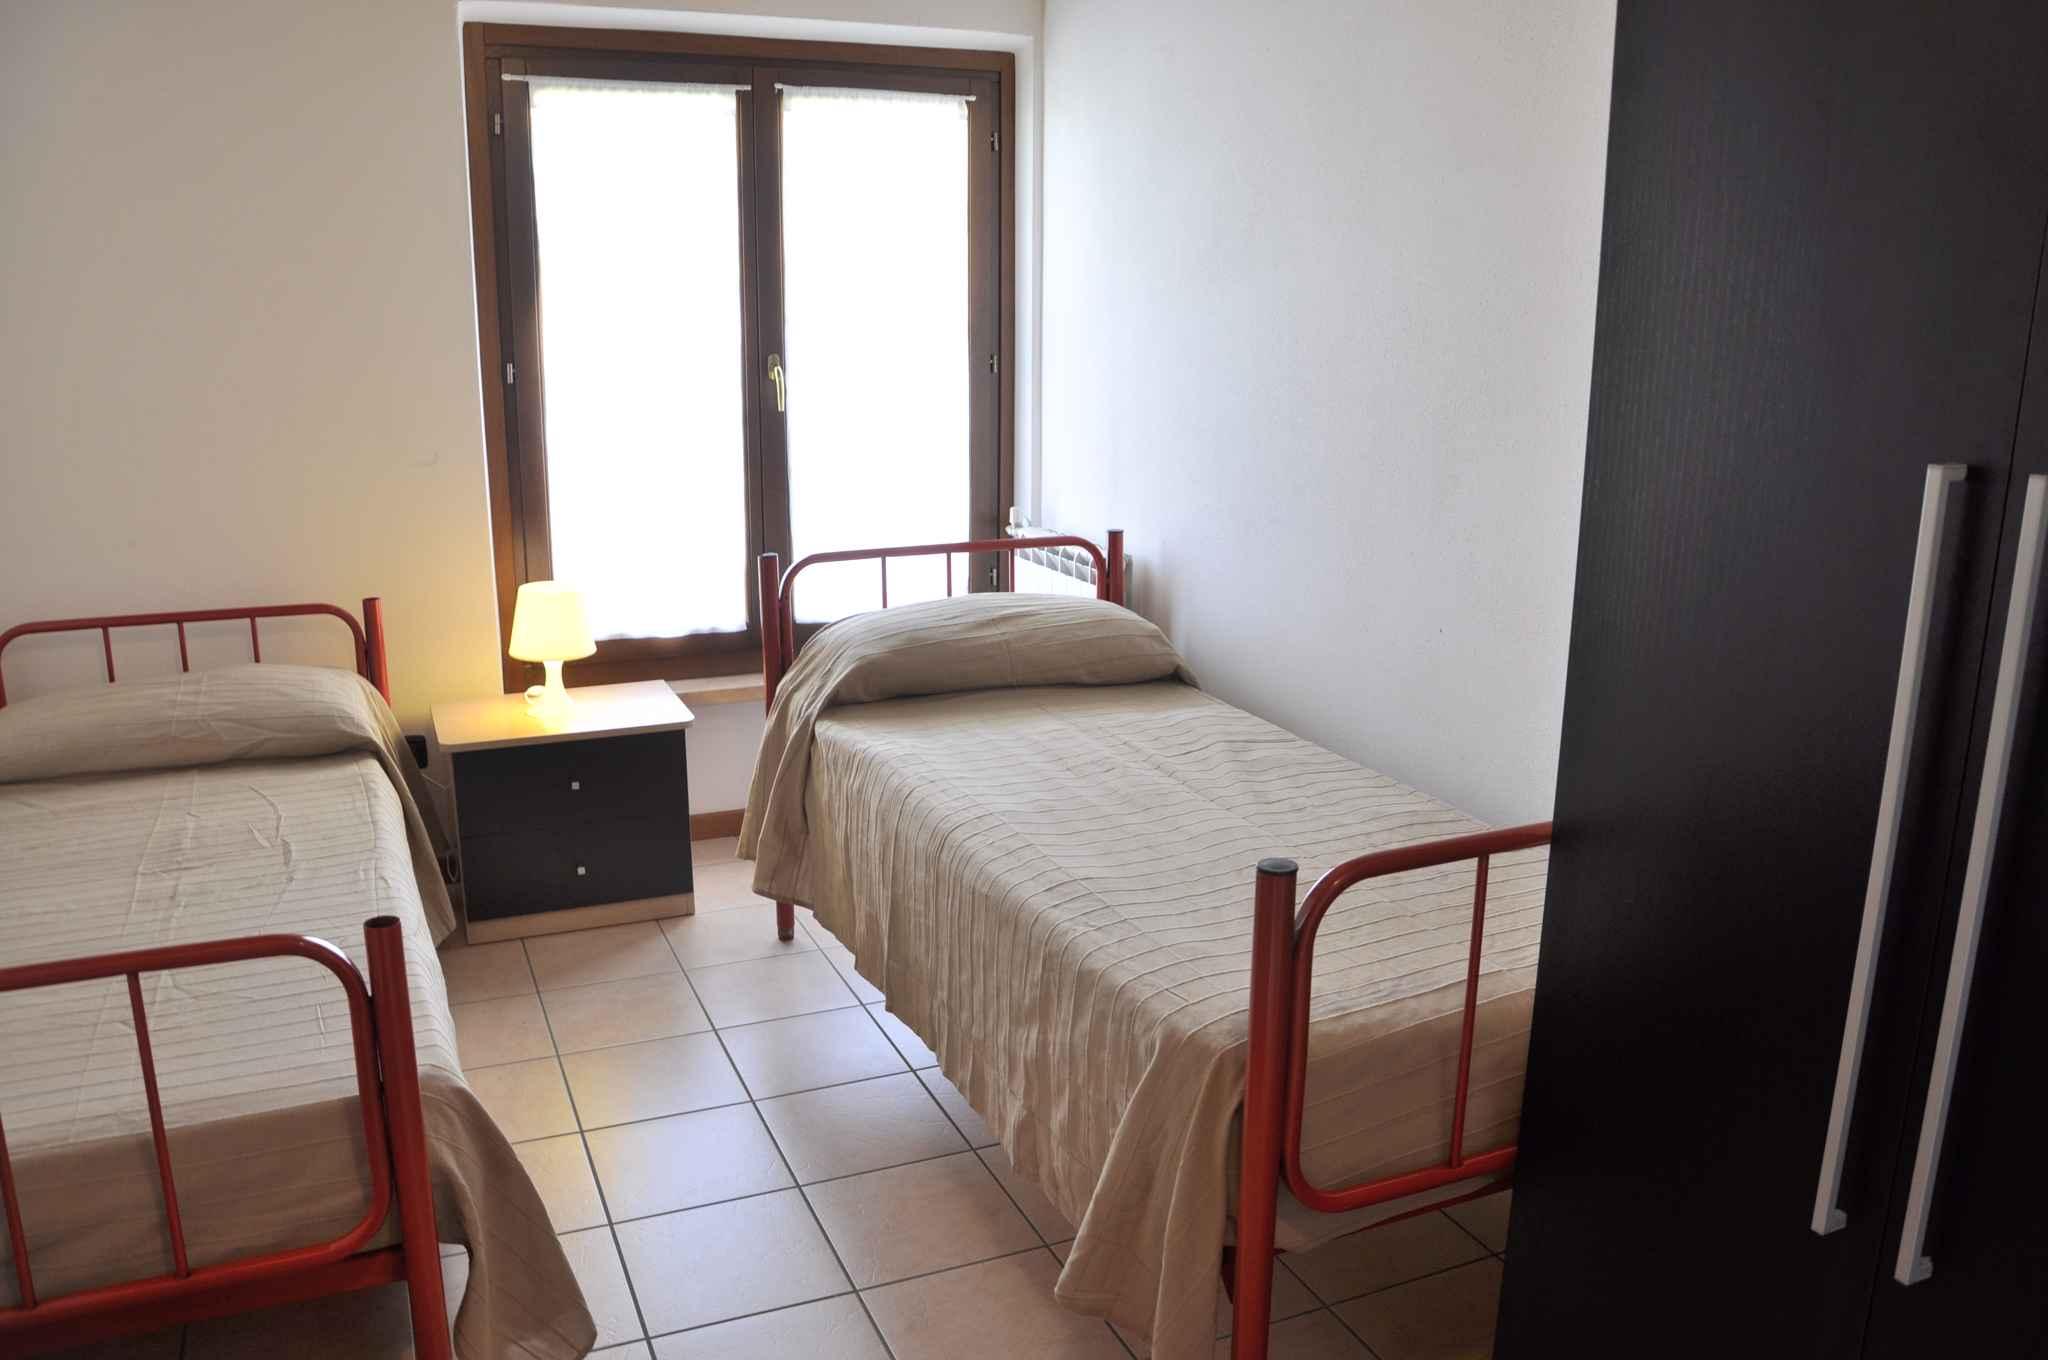 Ferienwohnung mit Pool (279621), Lazise, Gardasee, Venetien, Italien, Bild 13